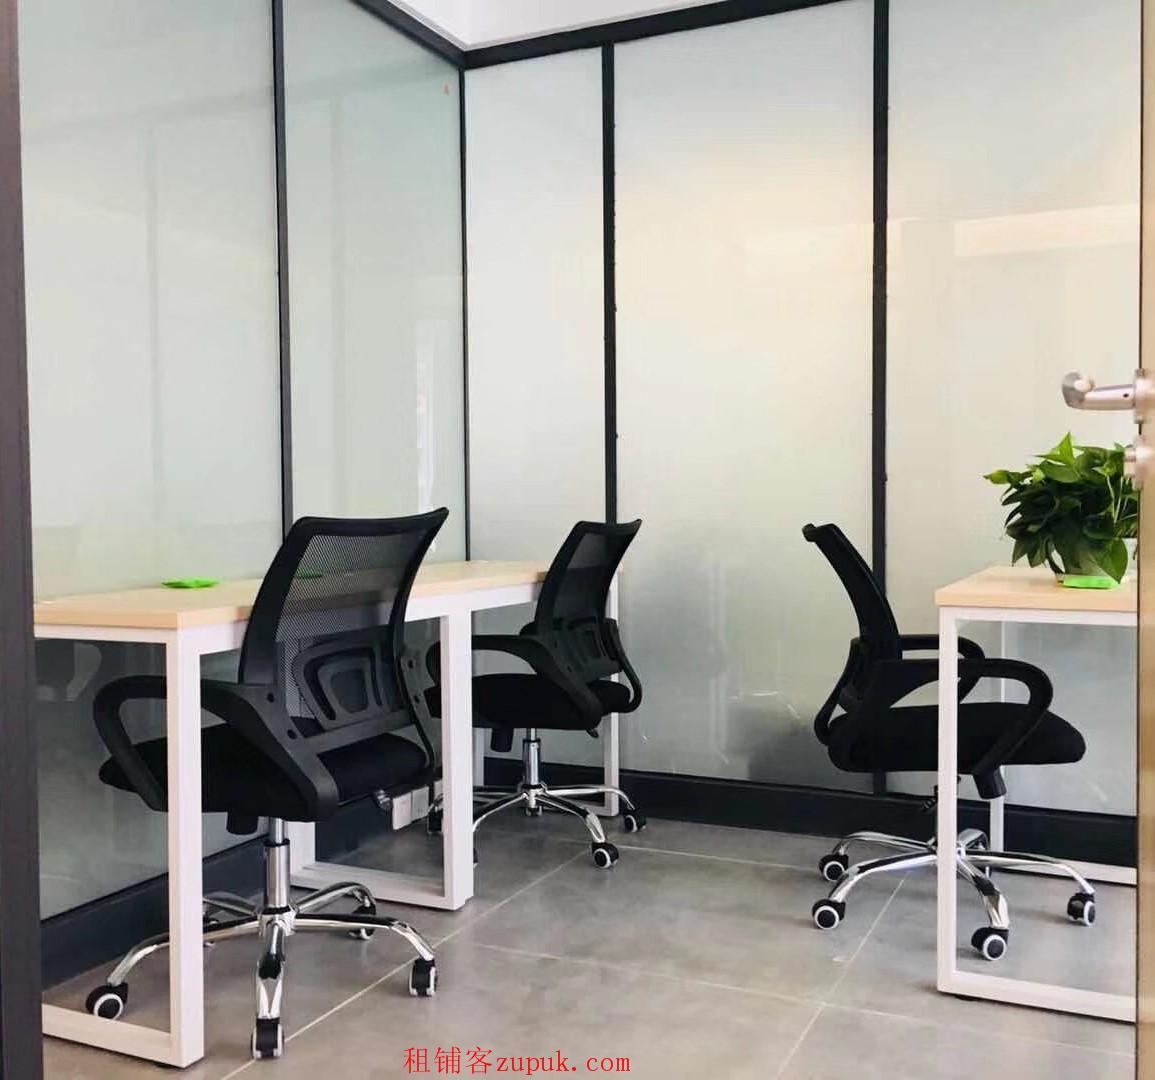 布吉共享办公室出租,提供租赁凭证,工商注册异常解锁